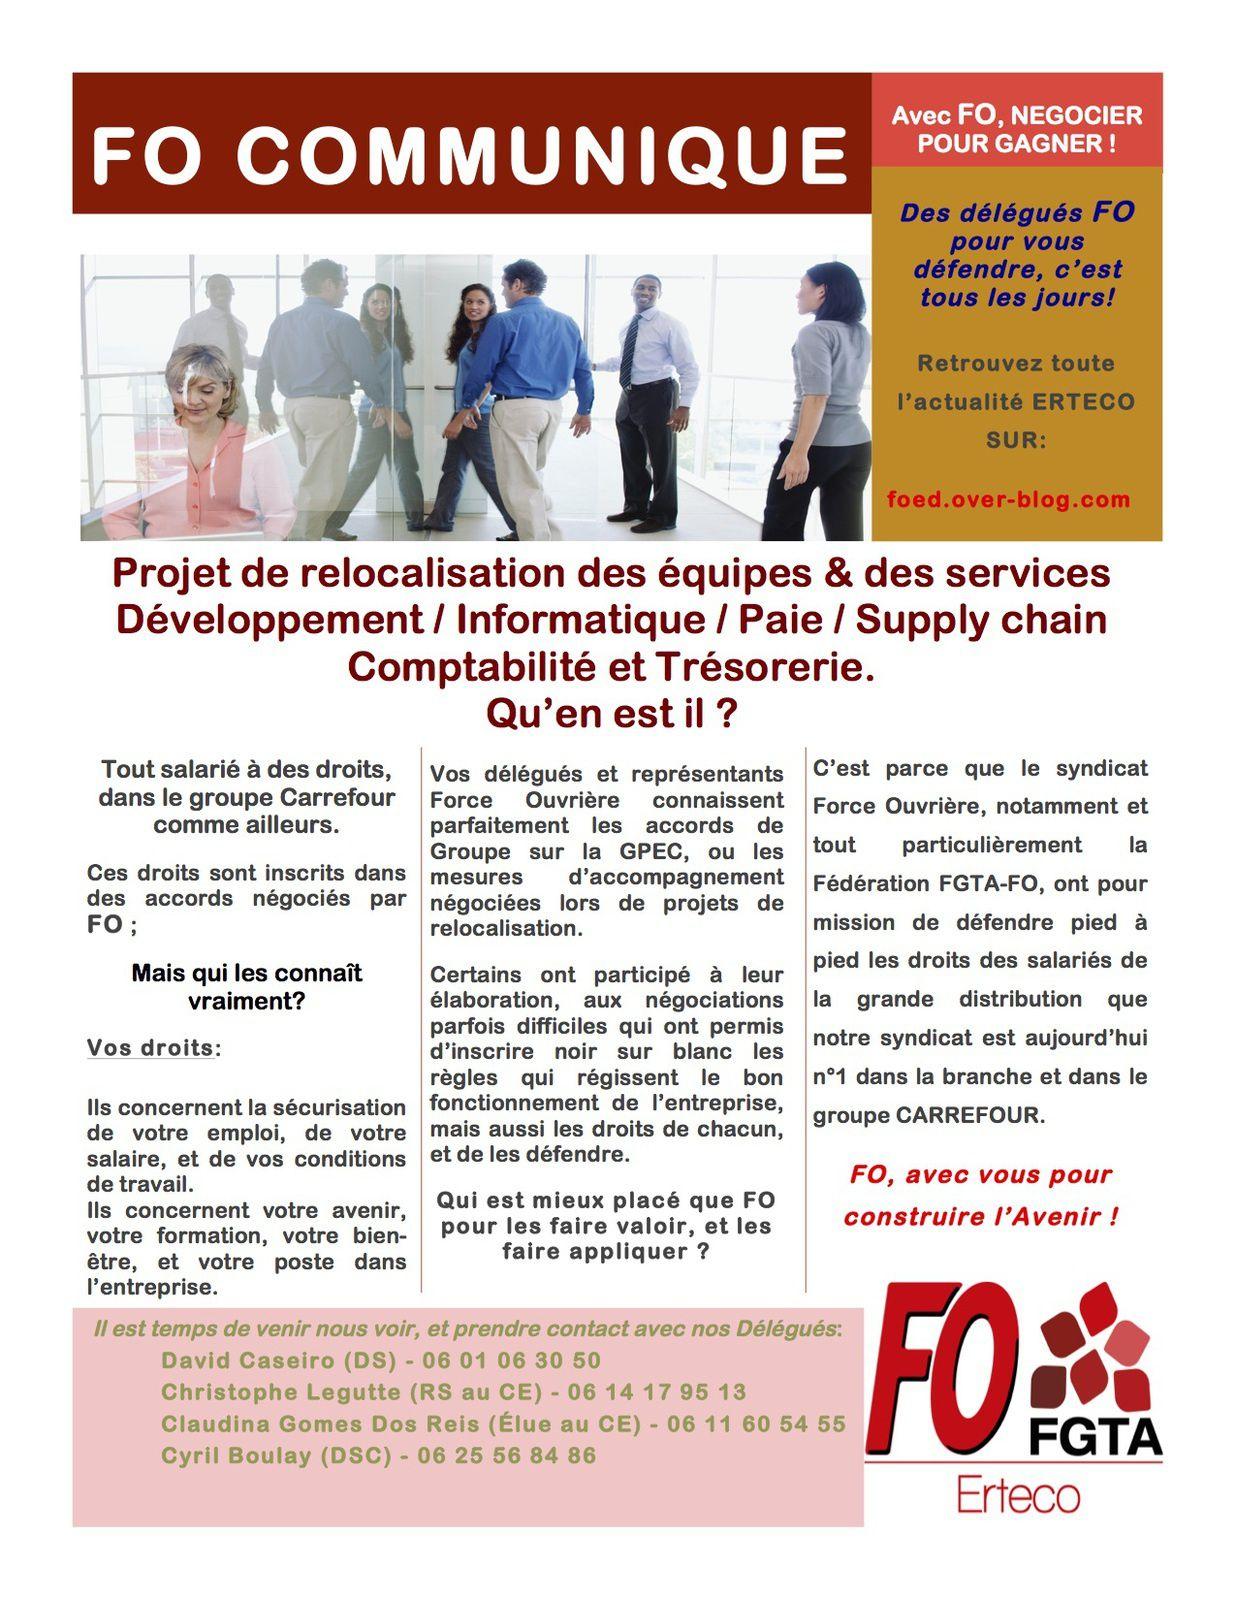 Tout salarié à des droits, dans le groupe Carrefour comme ailleurs. Ces droits sont inscrits dans des accords négociés par FO &#x3B;